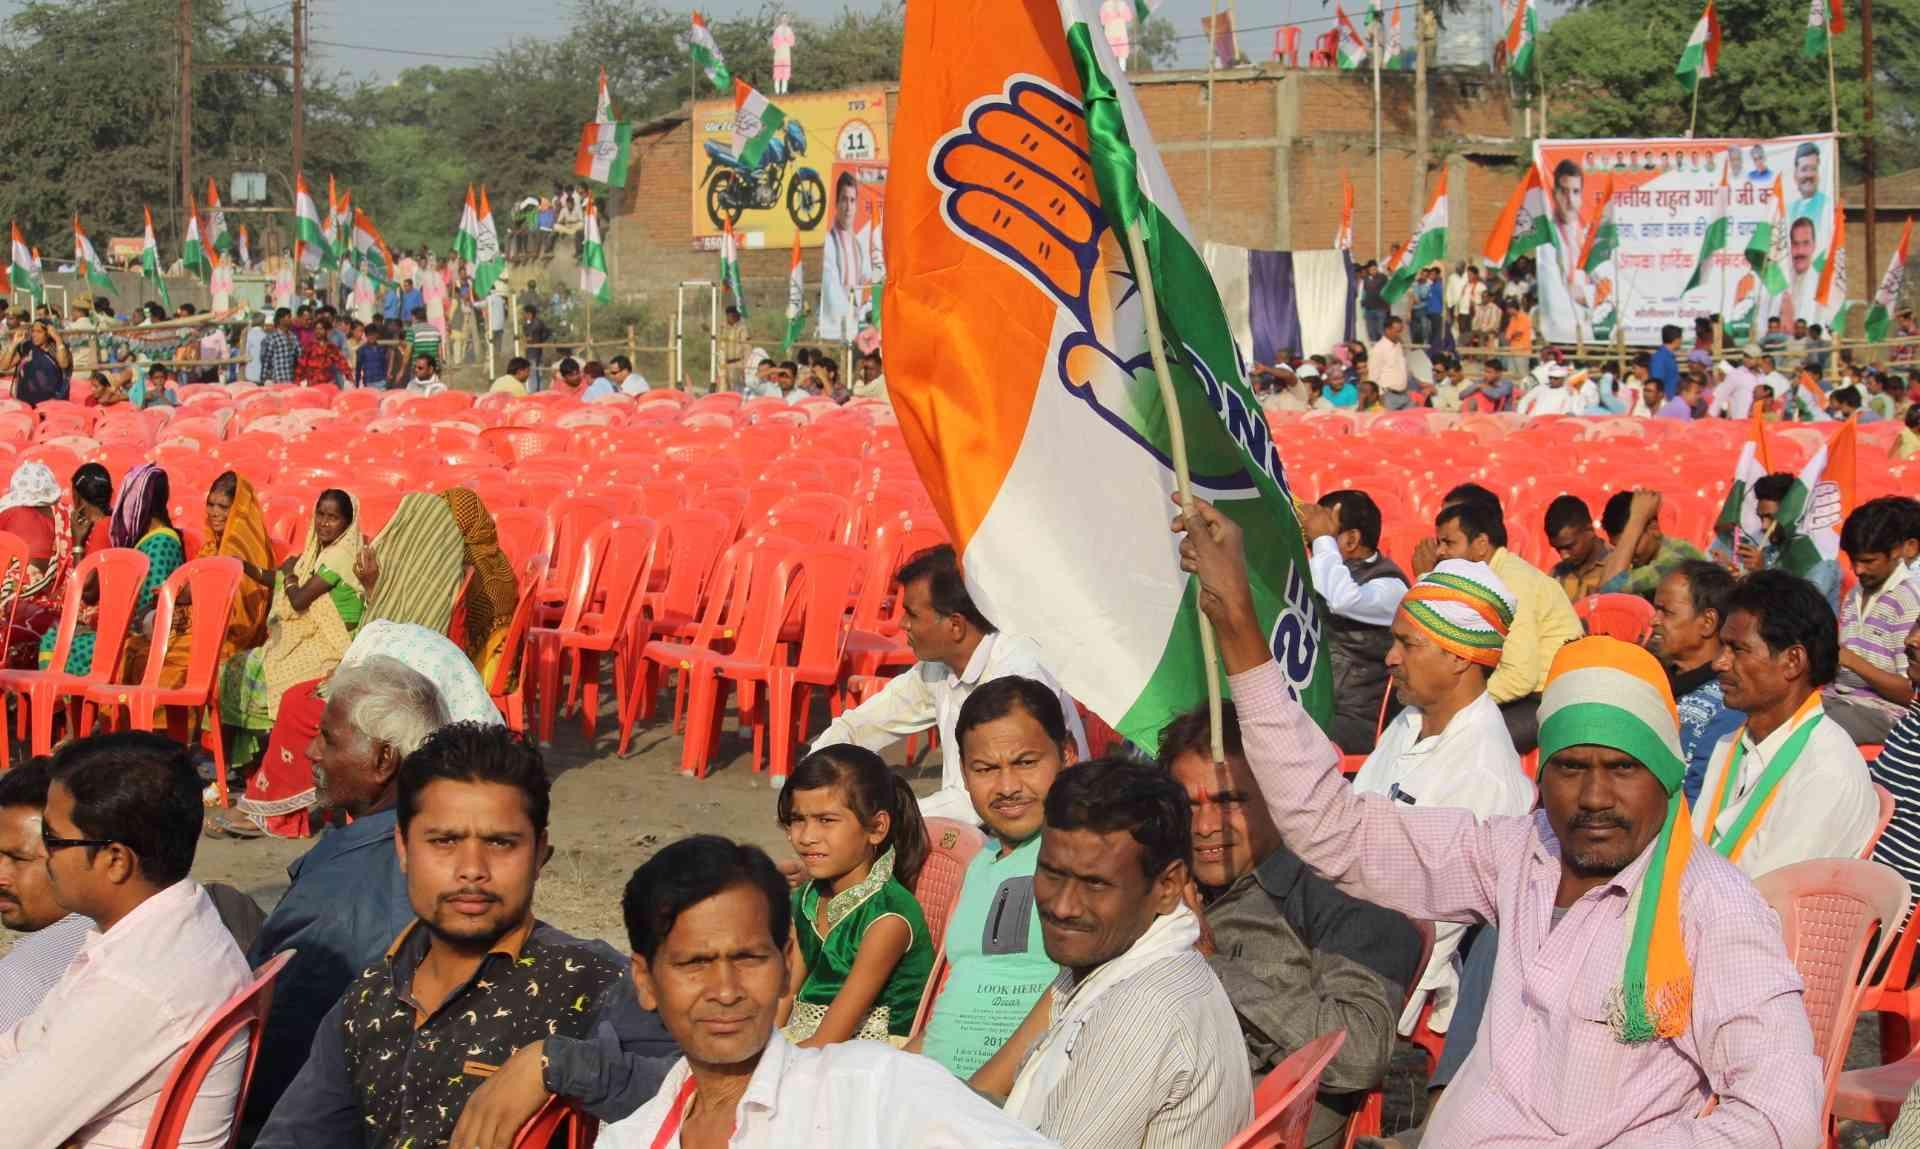 राहुल गांधी के भाषण के दौरान खाली कुर्सियां